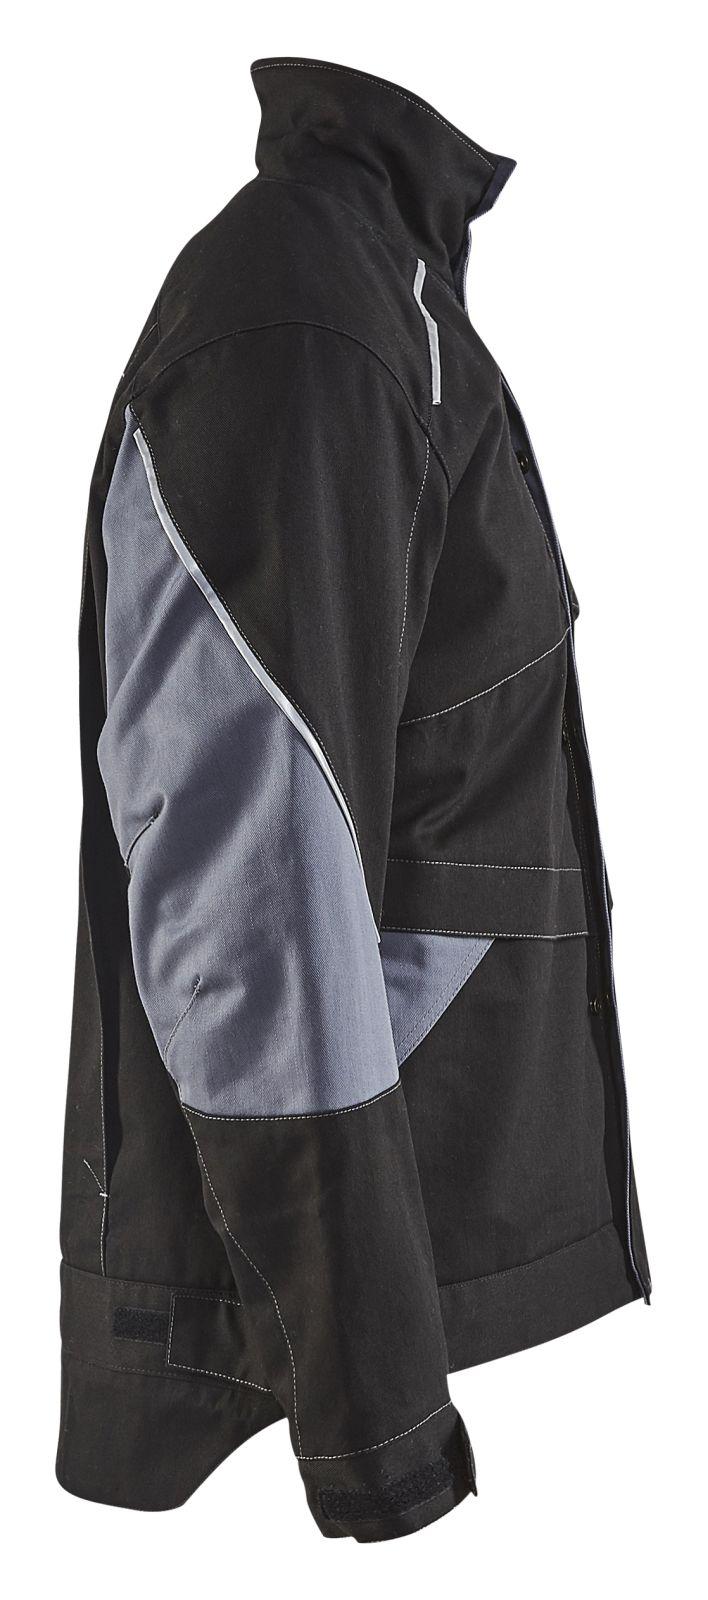 Blaklader Jassen 49611516 Vlamvertragend zwart-grijs(9994)